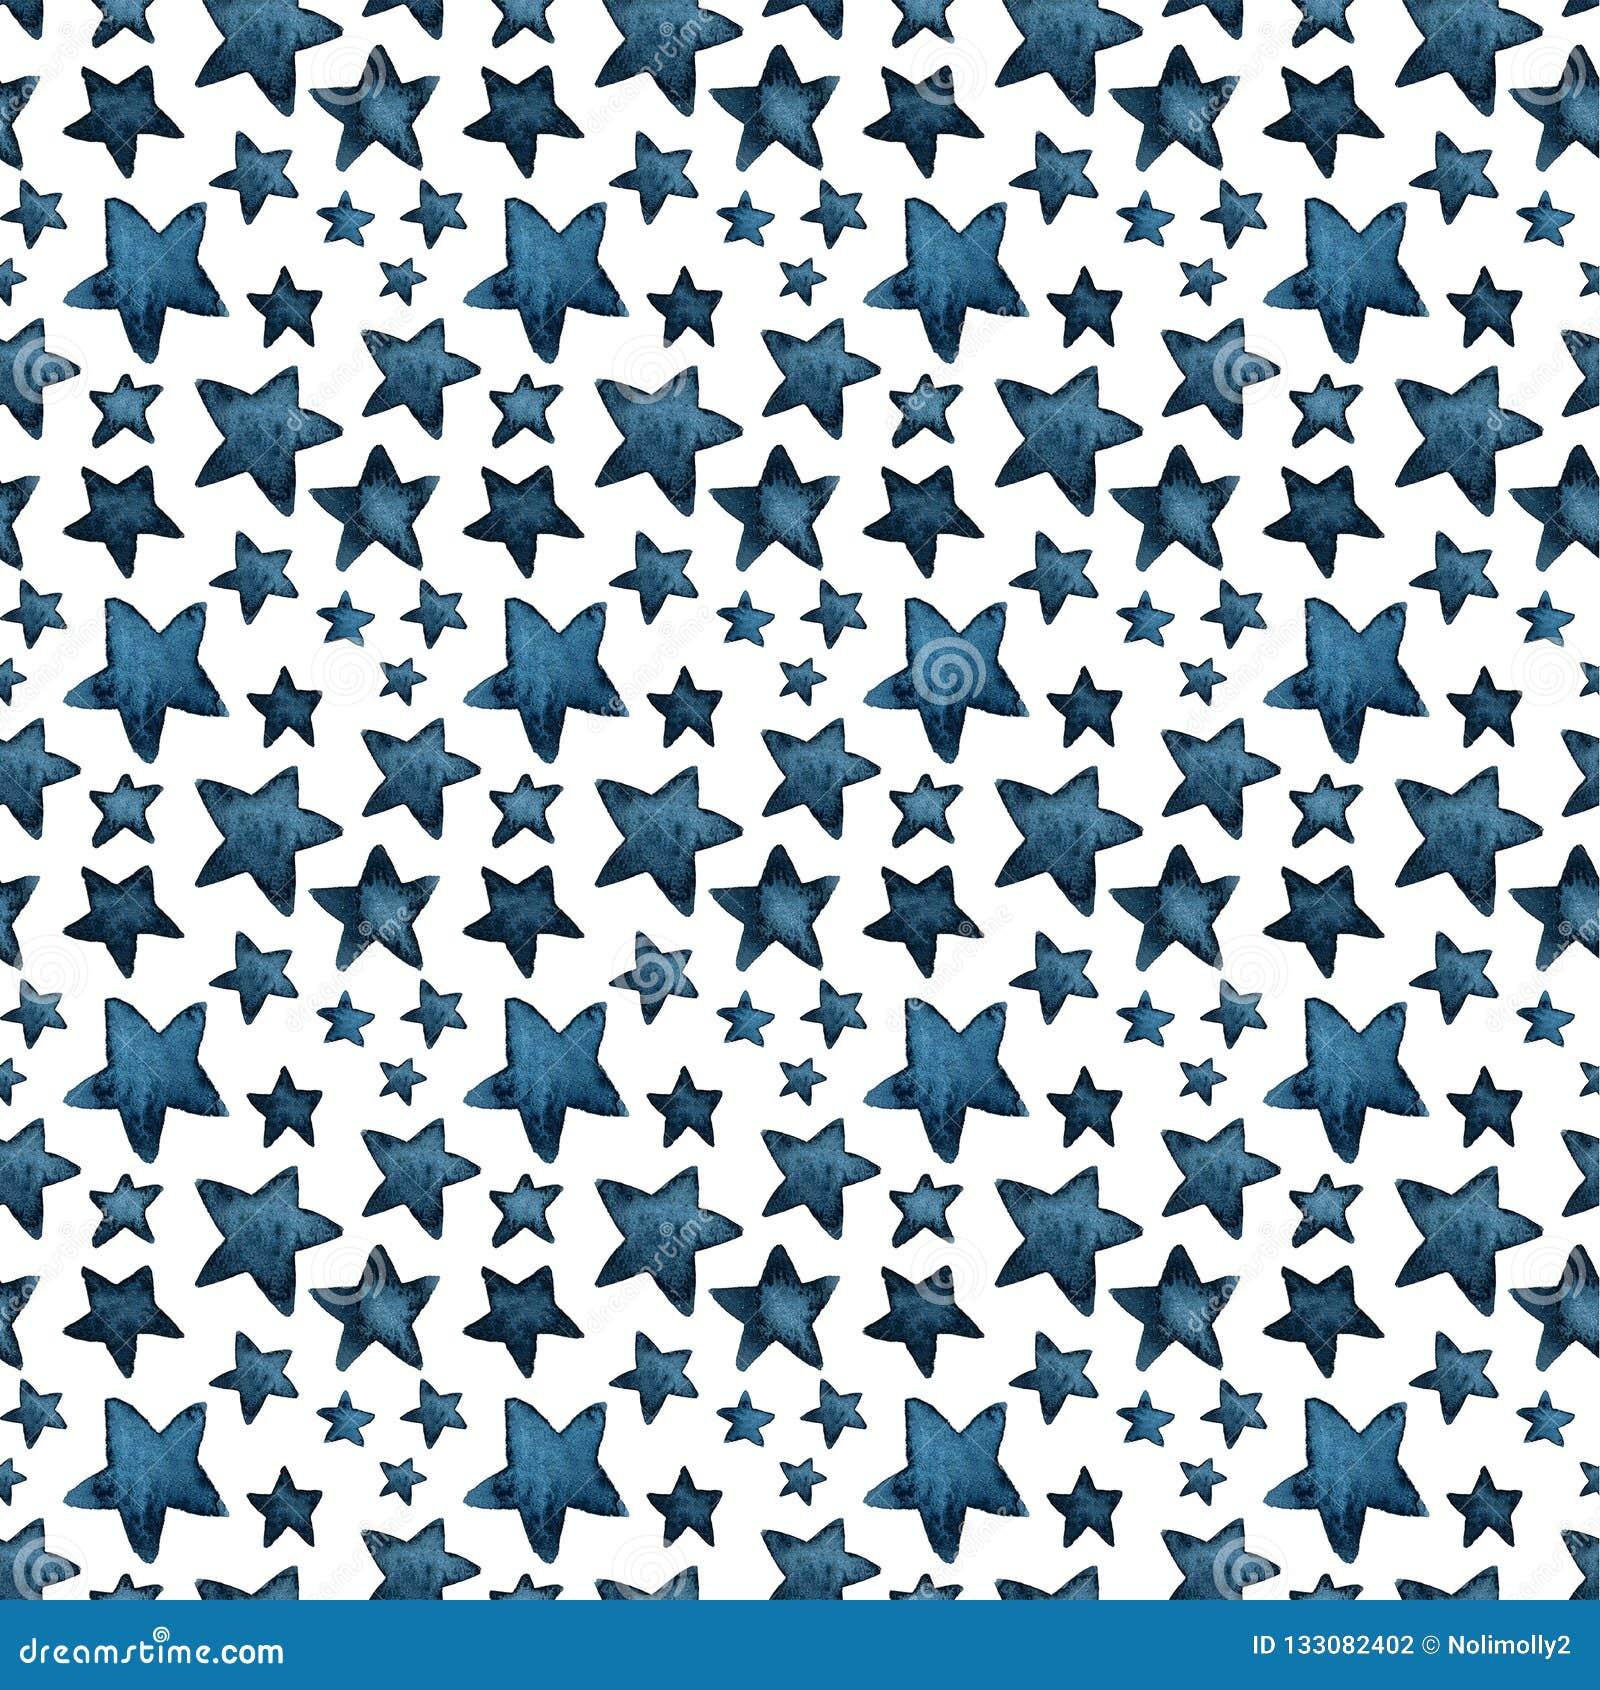 Grandes et petites étoiles bleues mignonnes, salut des étoiles Configuration